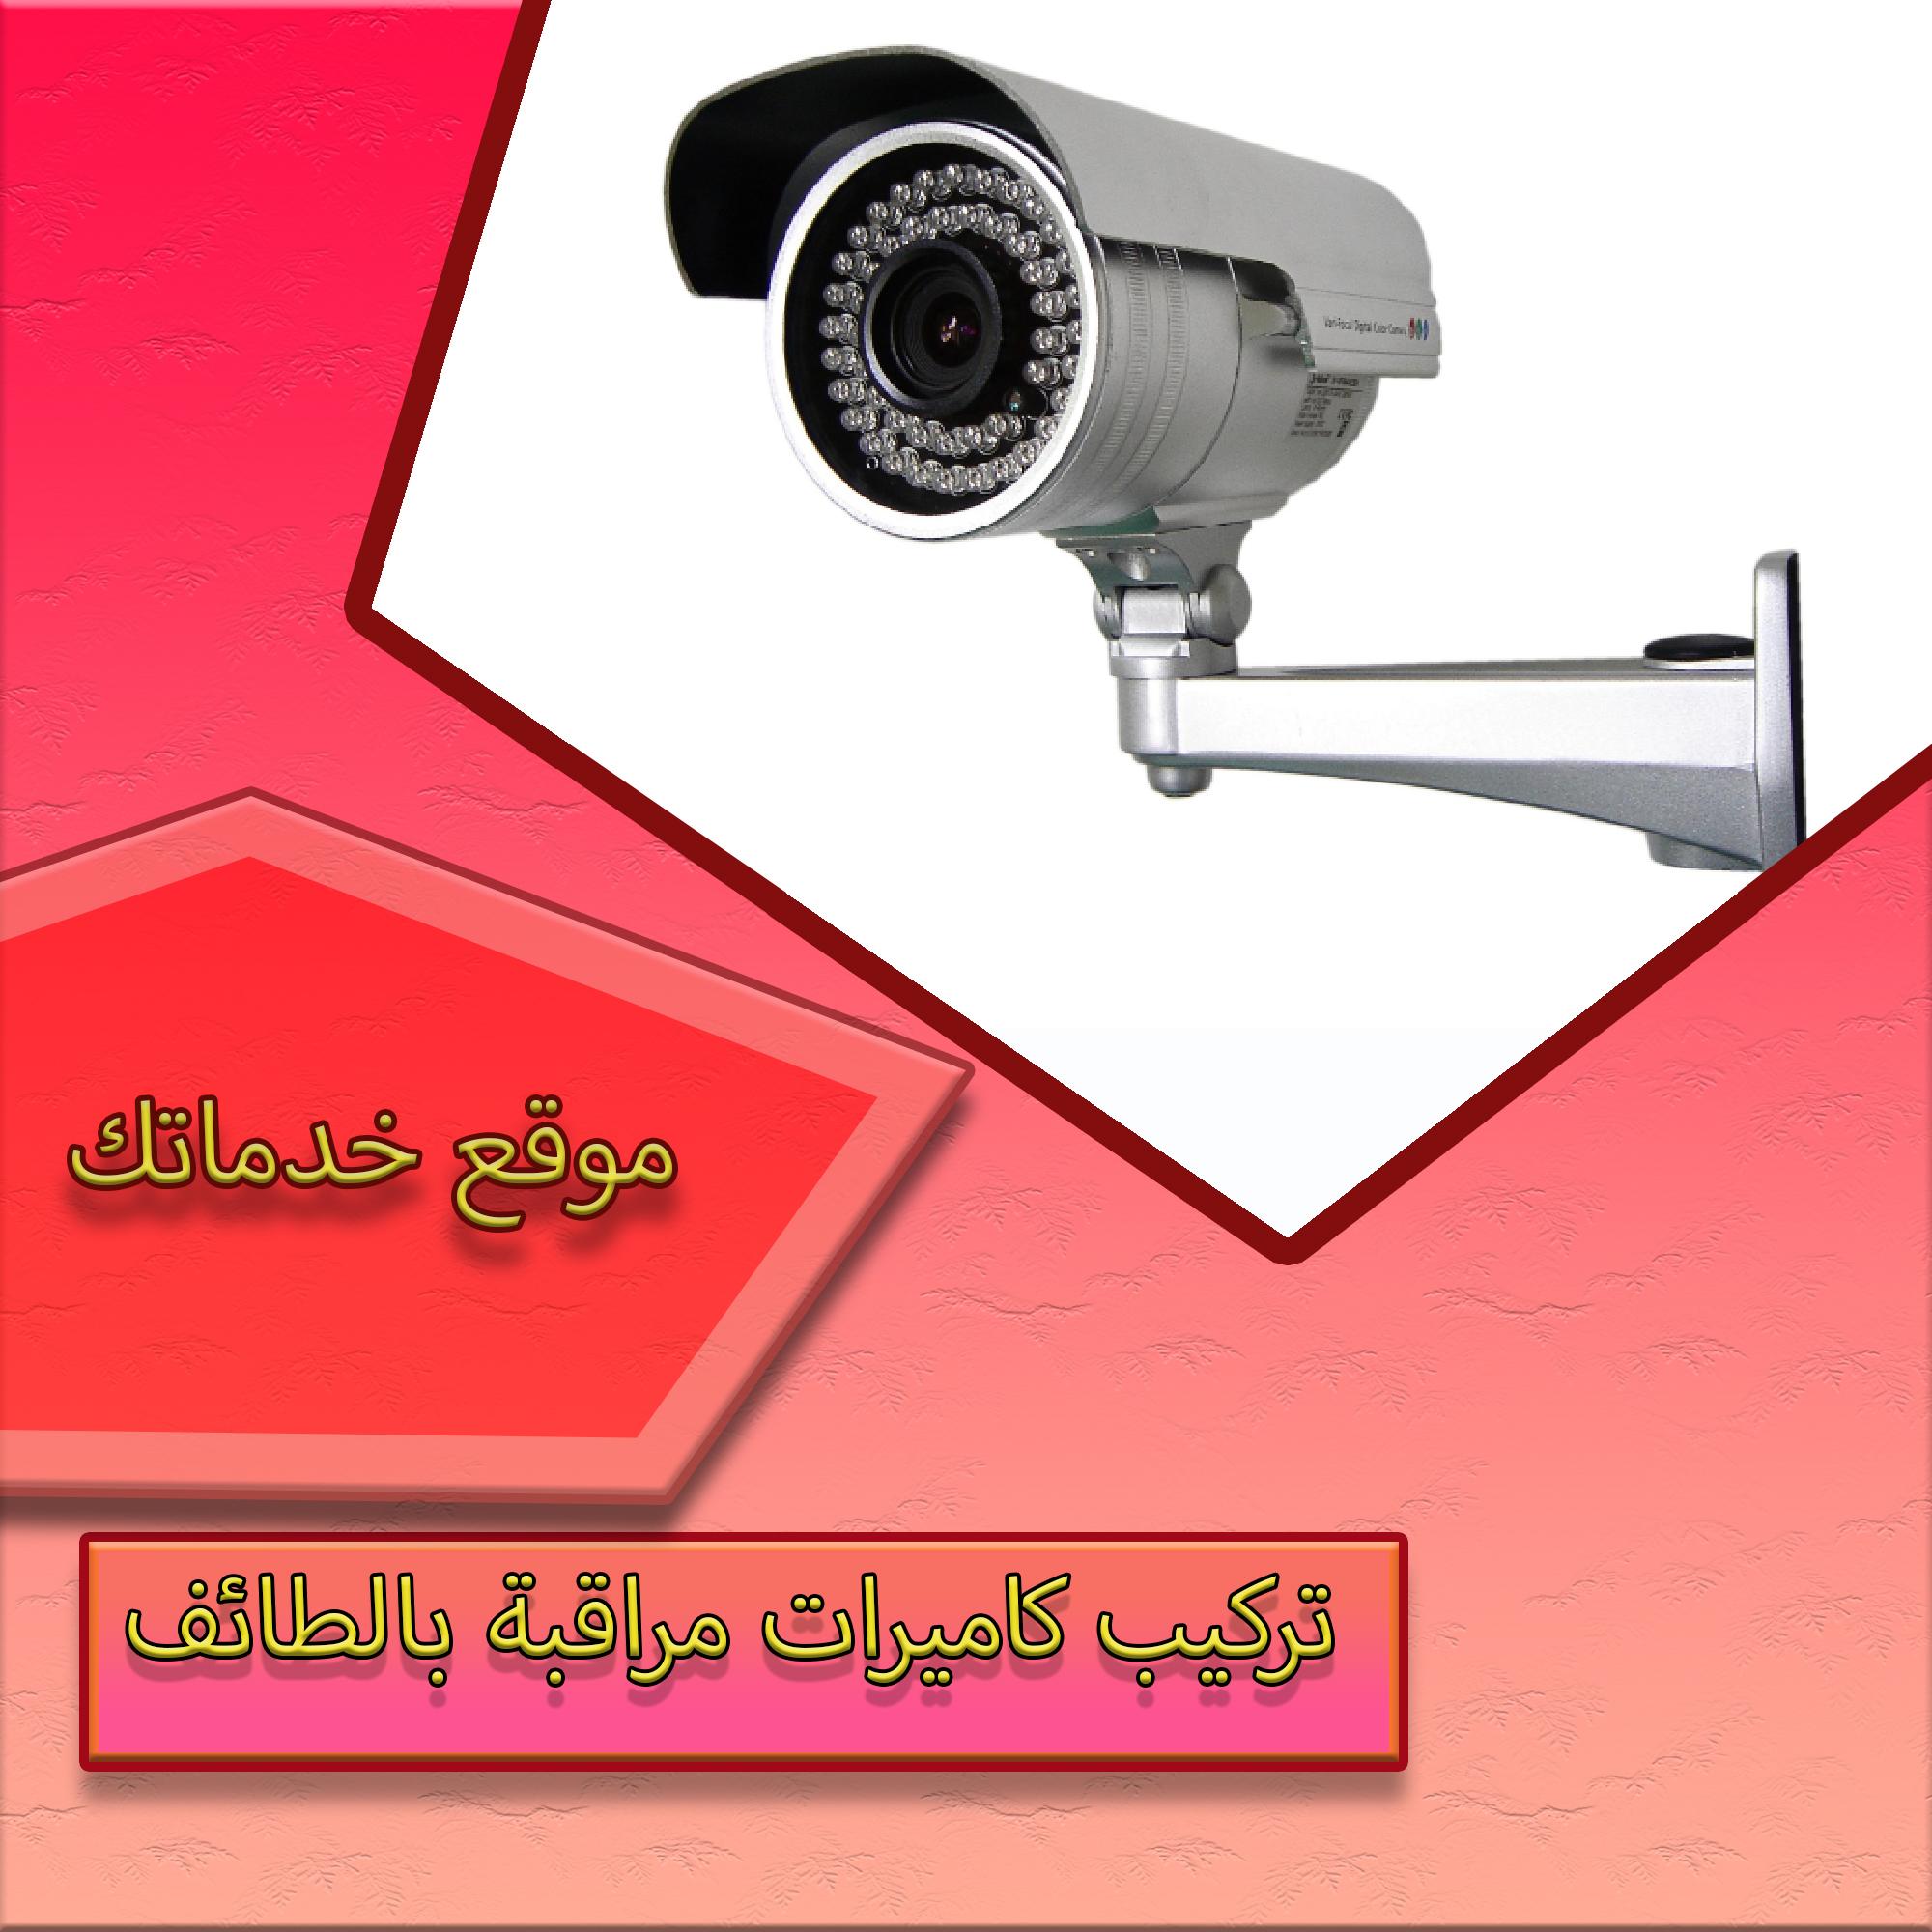 تركيب كاميرات مراقبة بالطائف